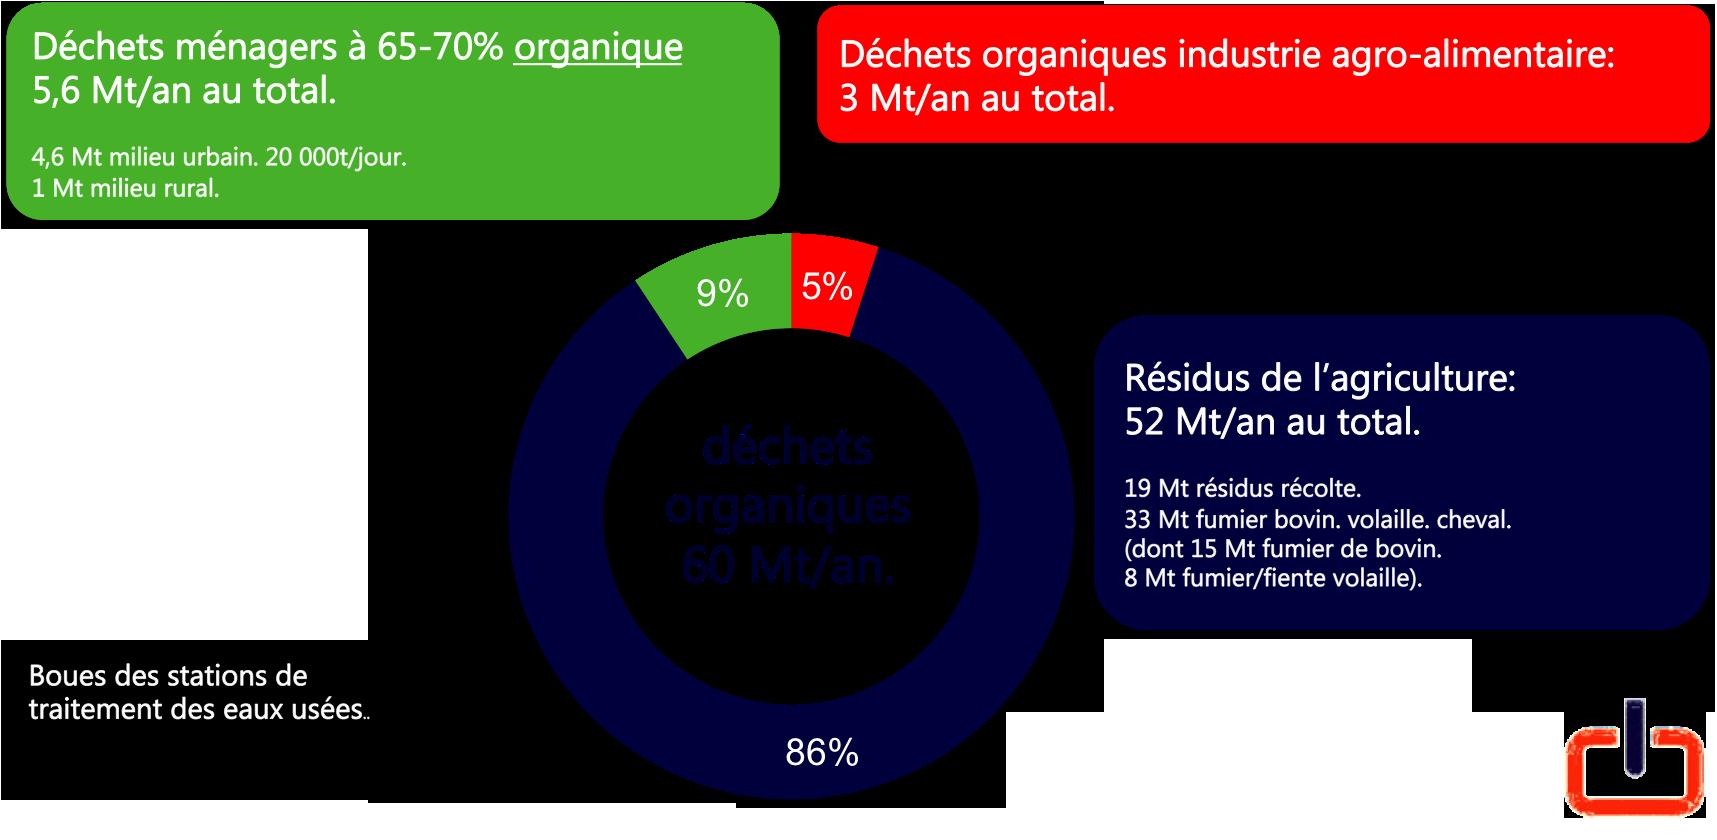 déchets organiques au Maroc.